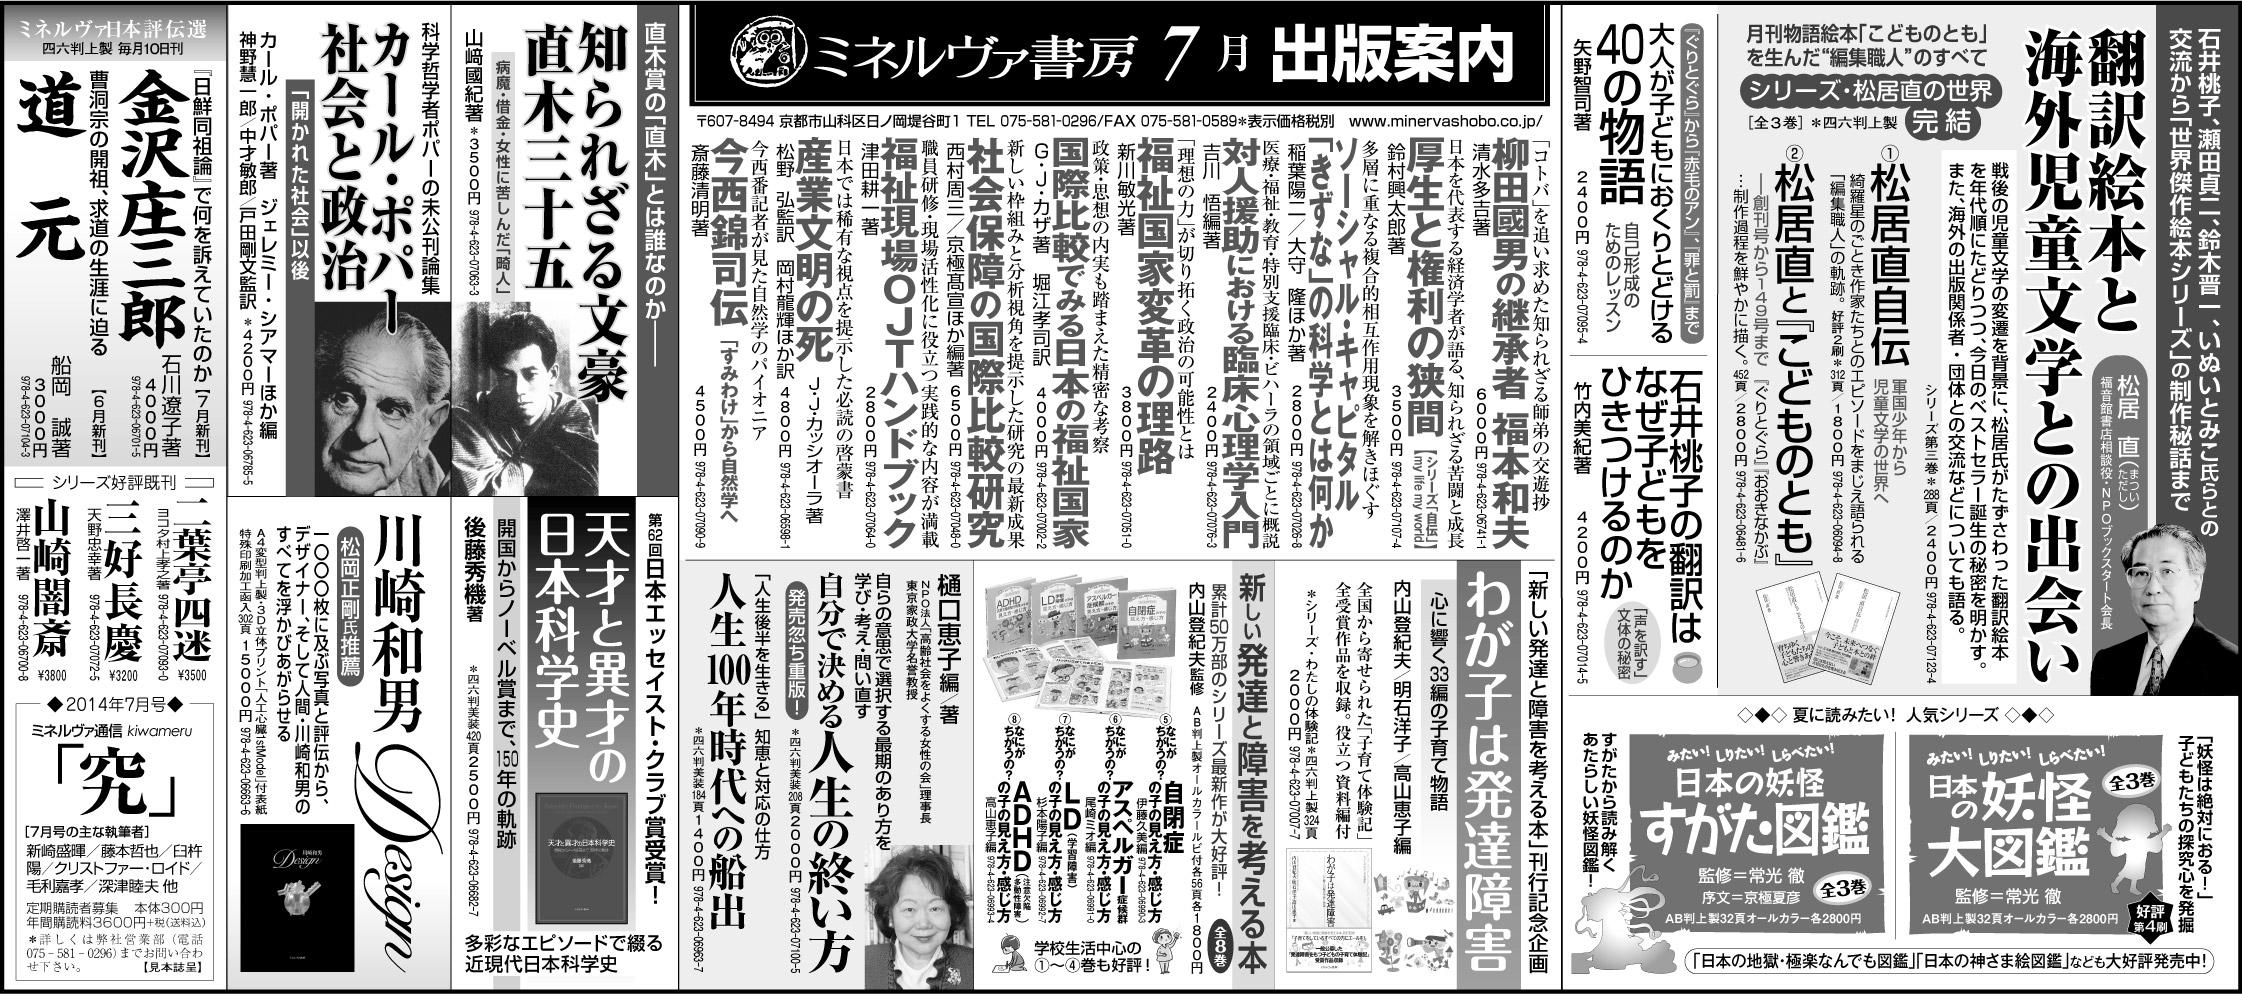 読売新聞全5段広告2014年7月17日掲載